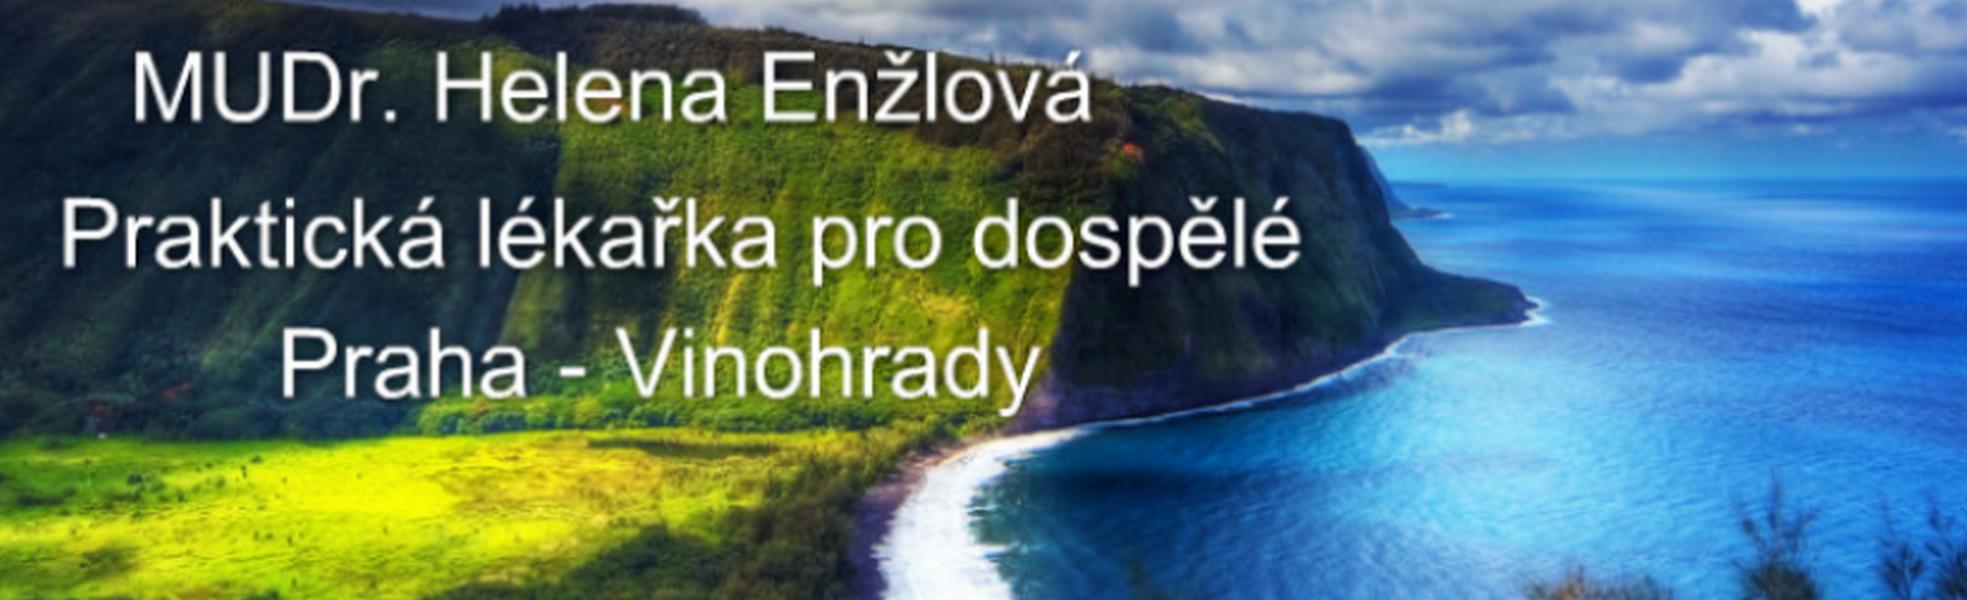 MUDr. Helena Enžlová